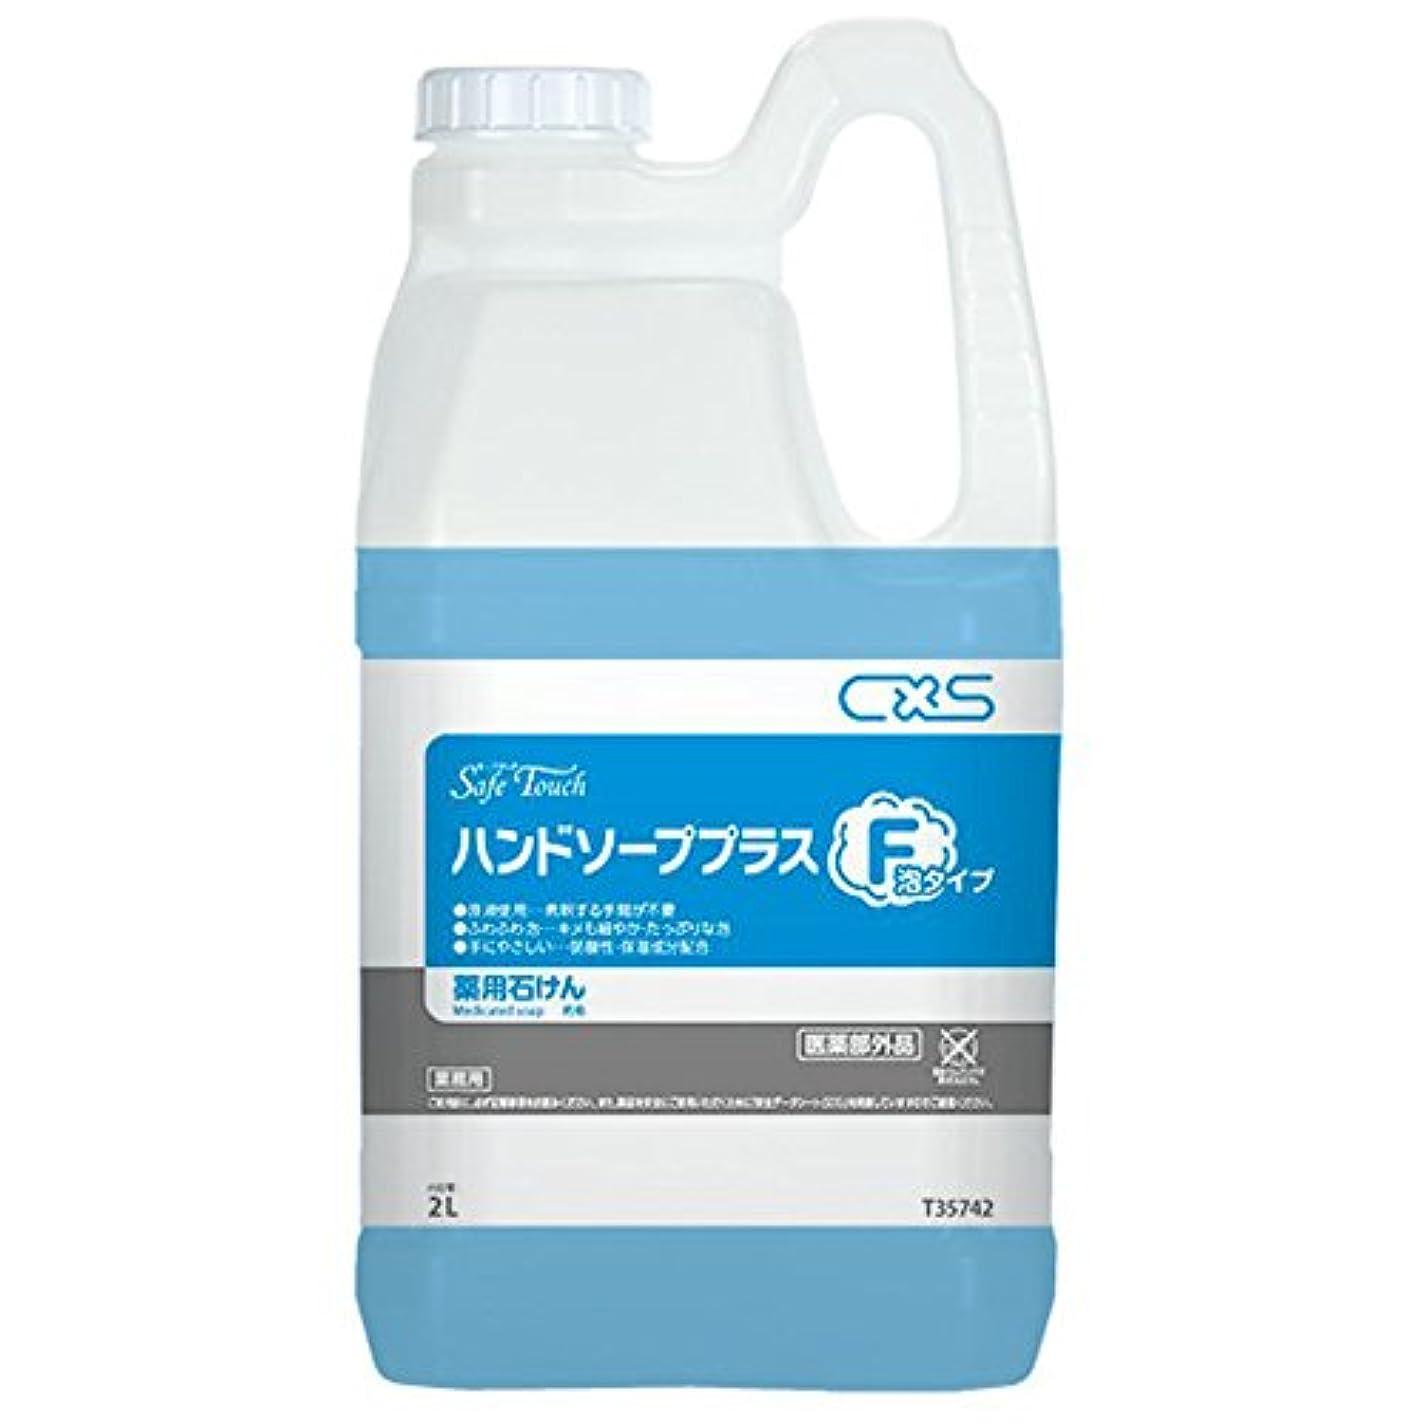 プレゼン適用済み爪シーバイエス(C×S) 殺菌?消毒用手洗い石けん セーフタッチハンドソーププラスF 2L